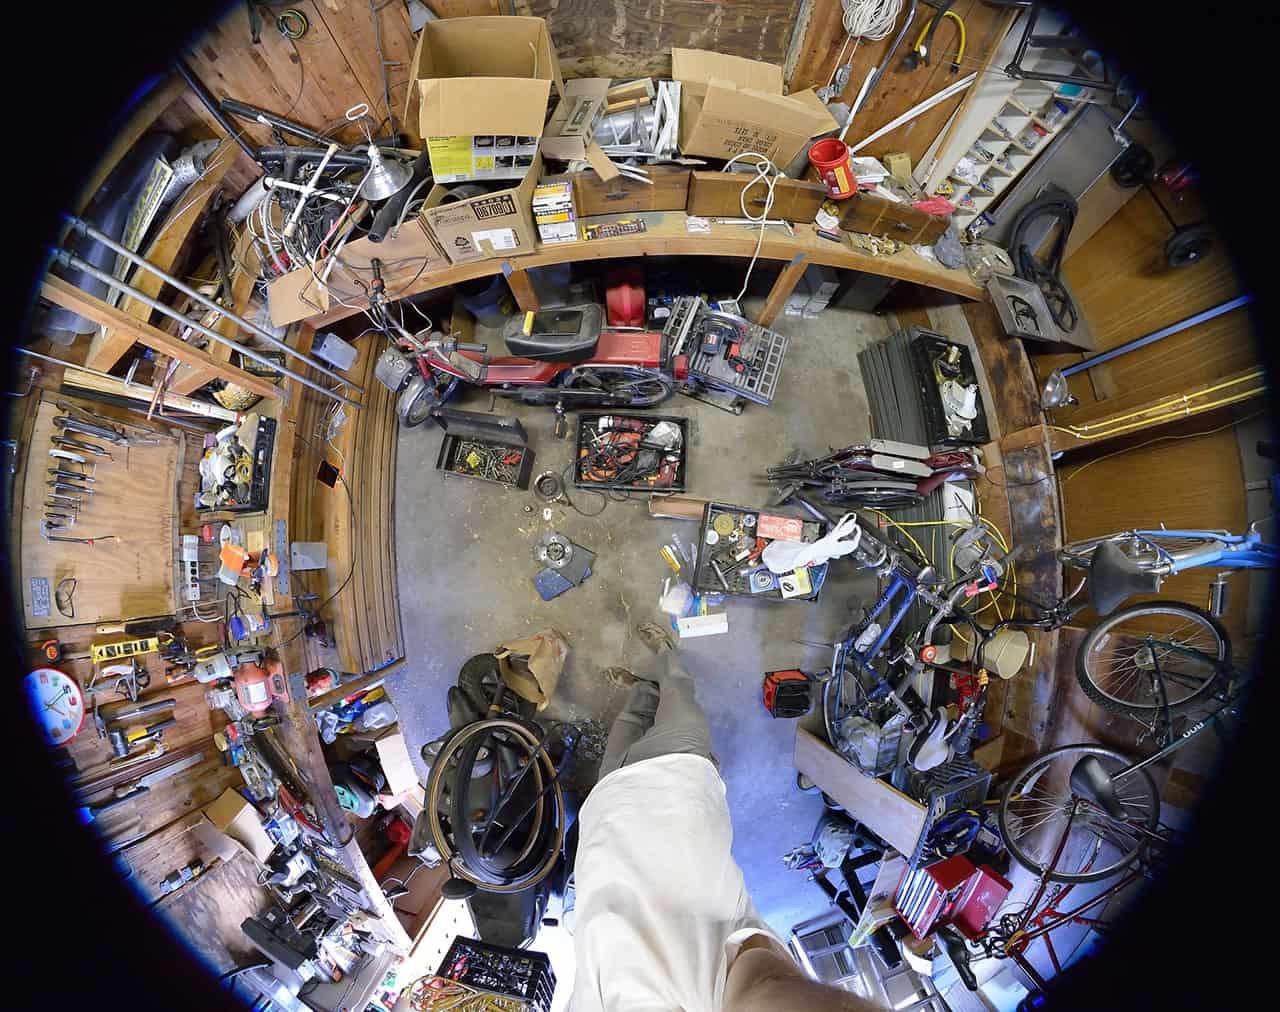 very messy garage